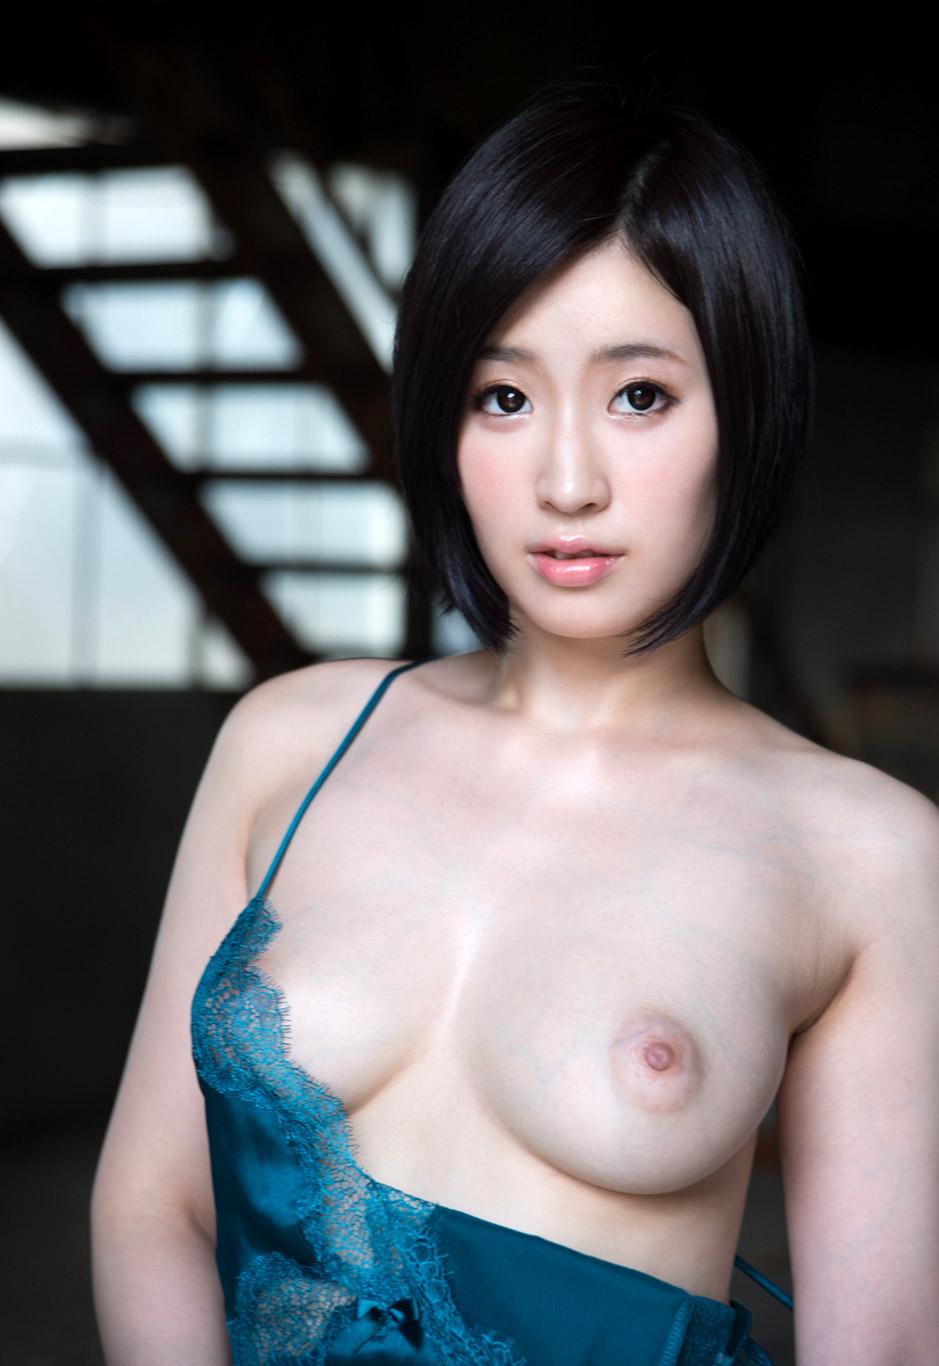 sana imanaga sexy naked pics 01